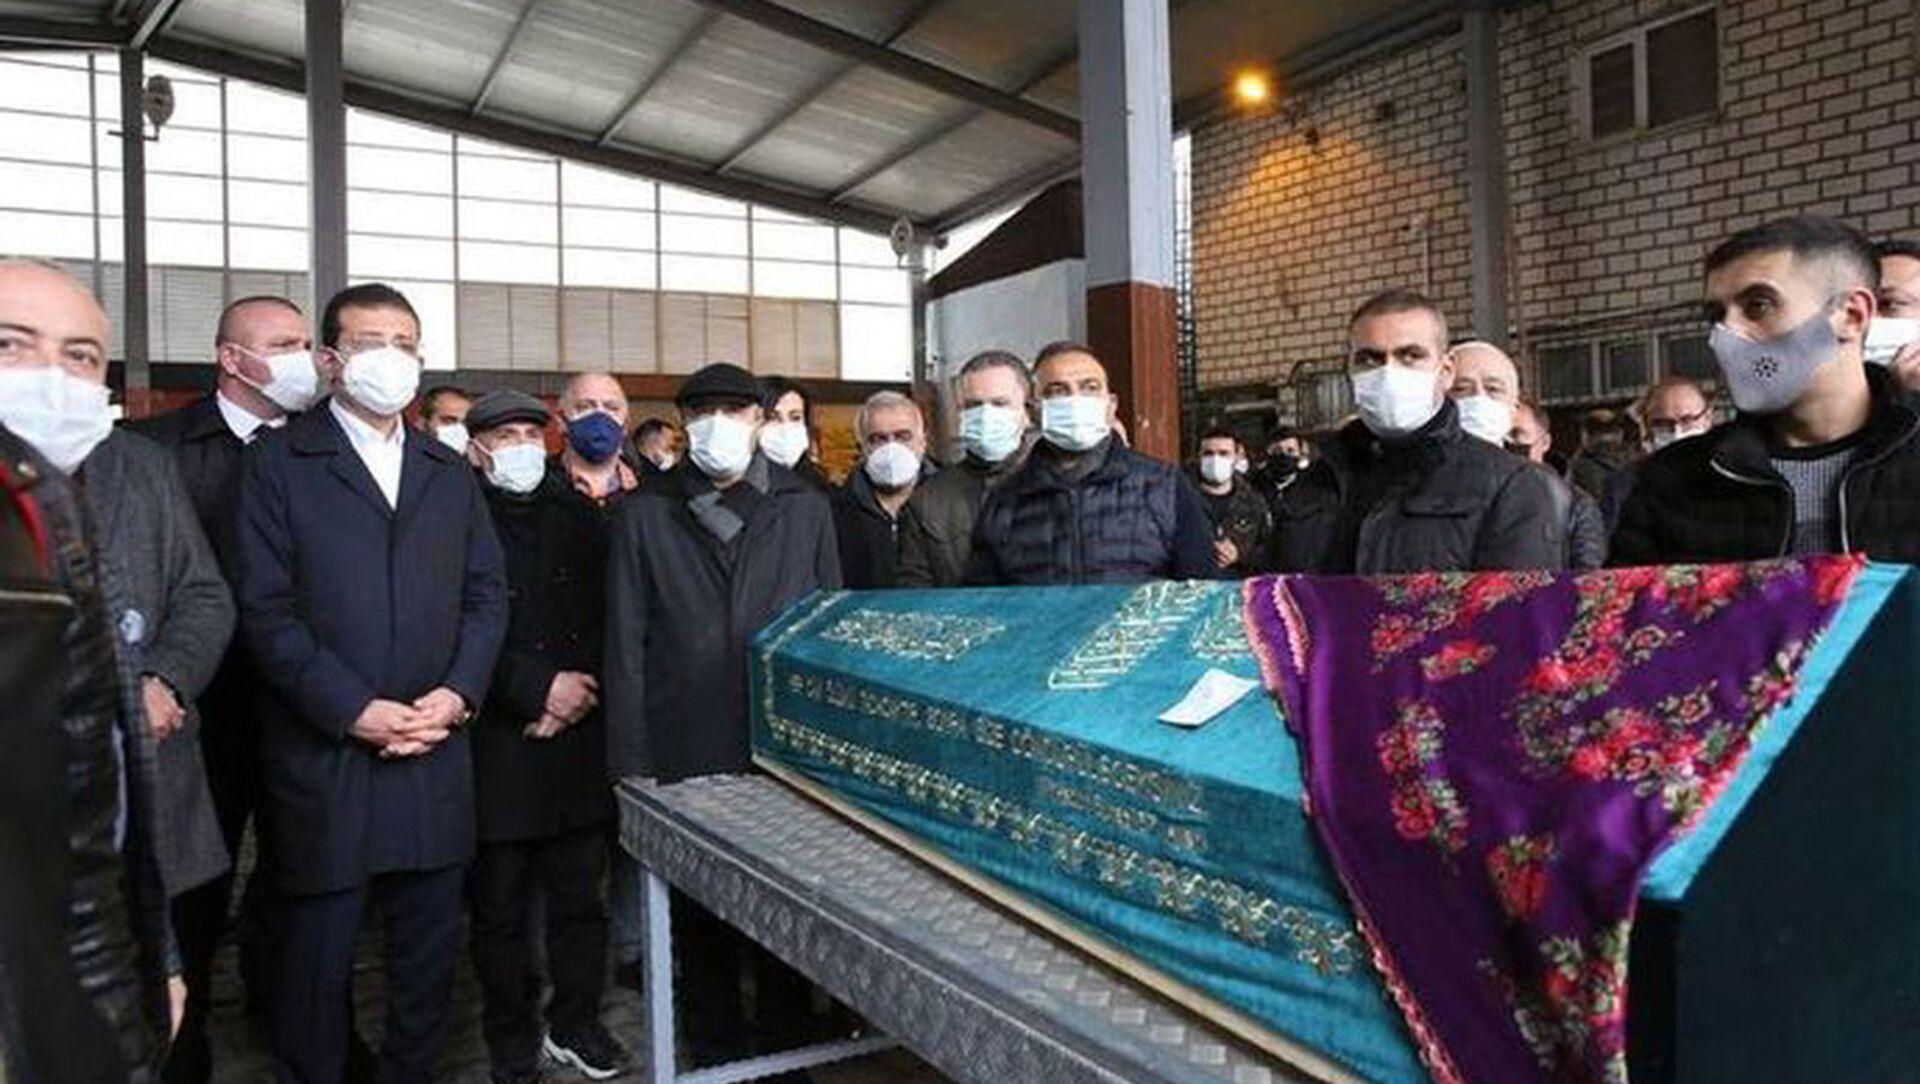 İstanbul Büyükşehir Belediyesi (İBB) Yuvam İstanbul Sultangazi Çocuk Etkinlik Merkezi'nde birim asistanı olarak görev yapan ve 21 haftalık hamile olan Özgün Öztürk (30), koronavirüs nedeniyle hayatını kaybetti. Öztürk'ün Gazi Cemevi'nden kaldırılan cenazesi, Gazi Mezarlığı'nda toprağa verildi. - Sputnik Türkiye, 1920, 17.04.2021